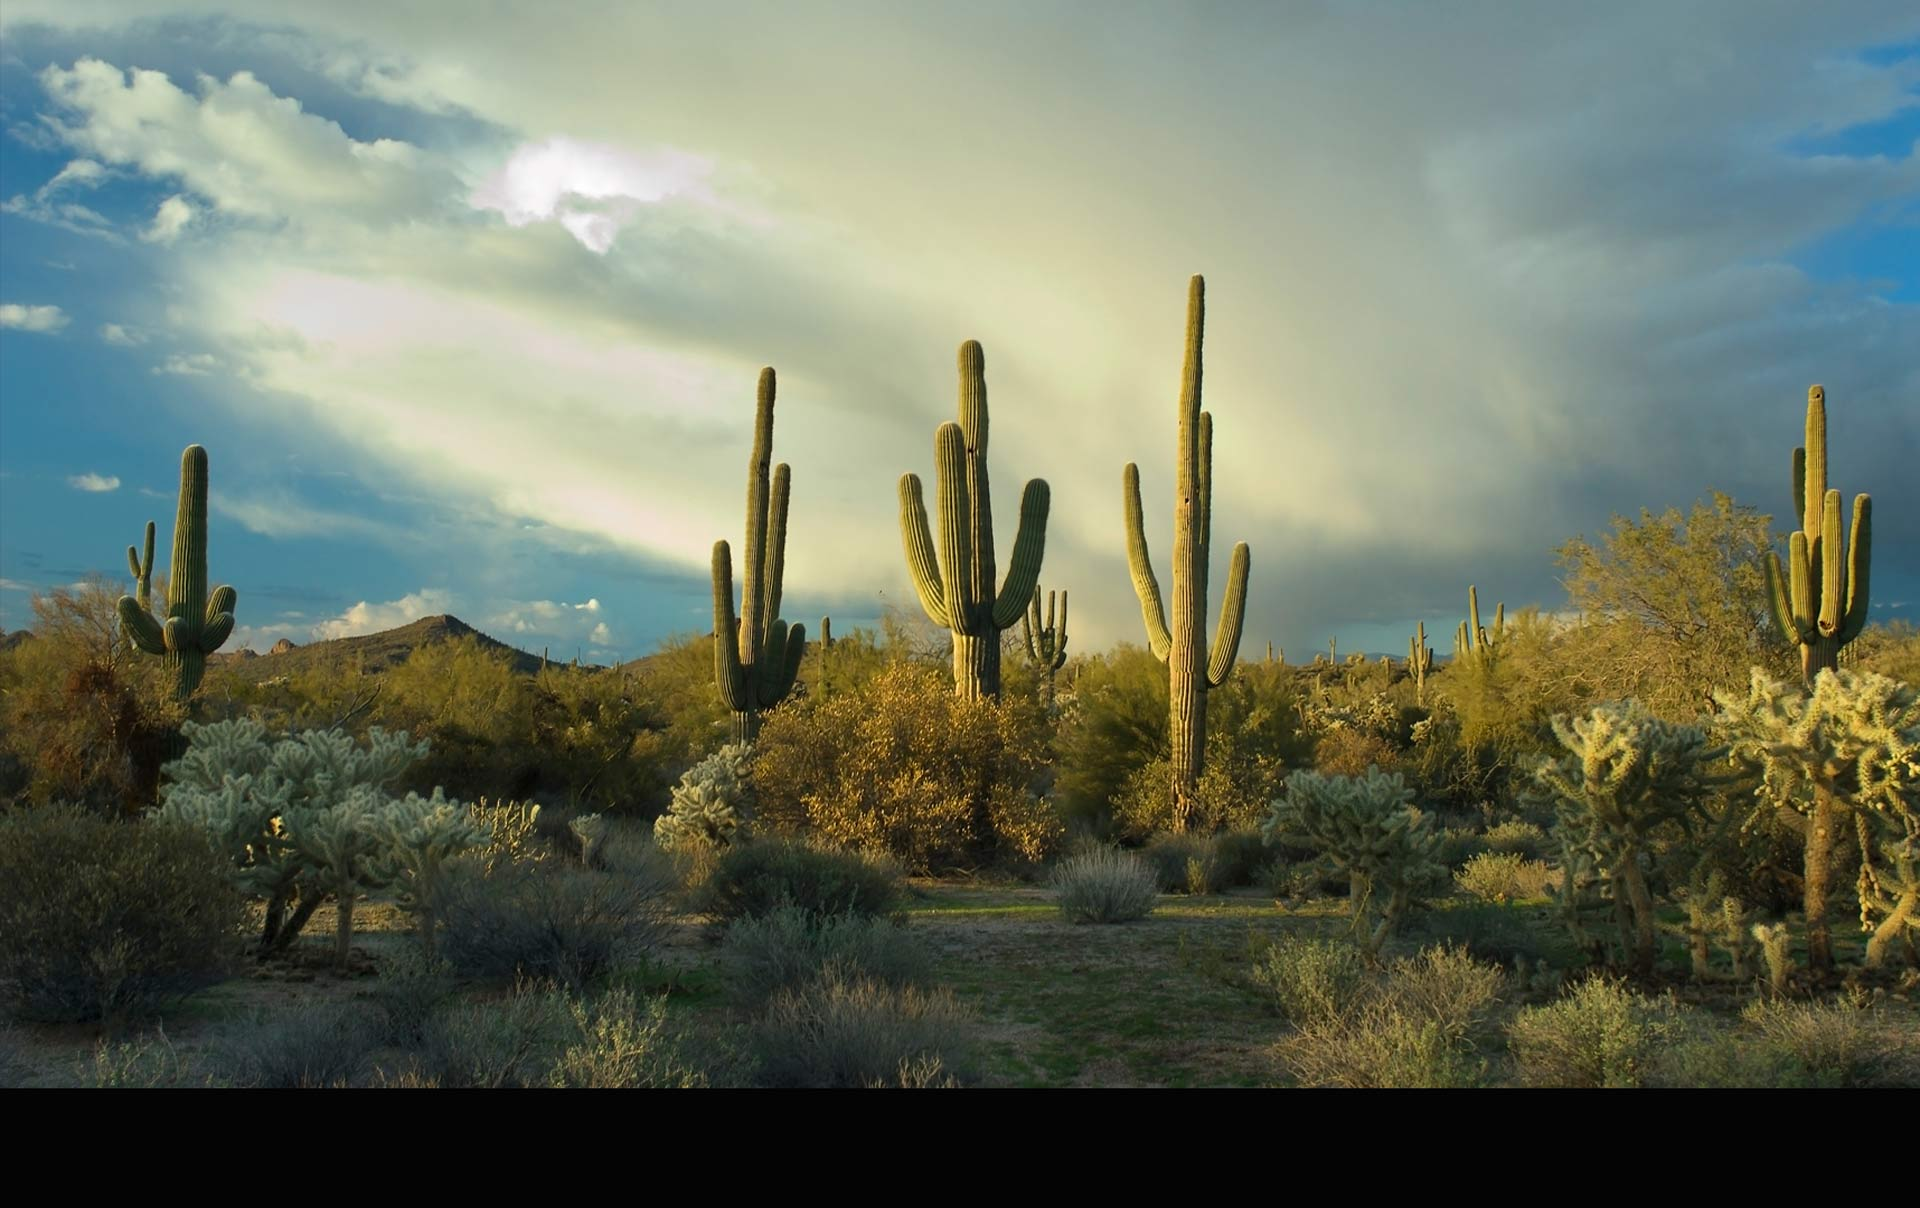 La explotación de cactus por parte del humano está poniendo en riesgo la existencia de dicha planta en el país y el mundo